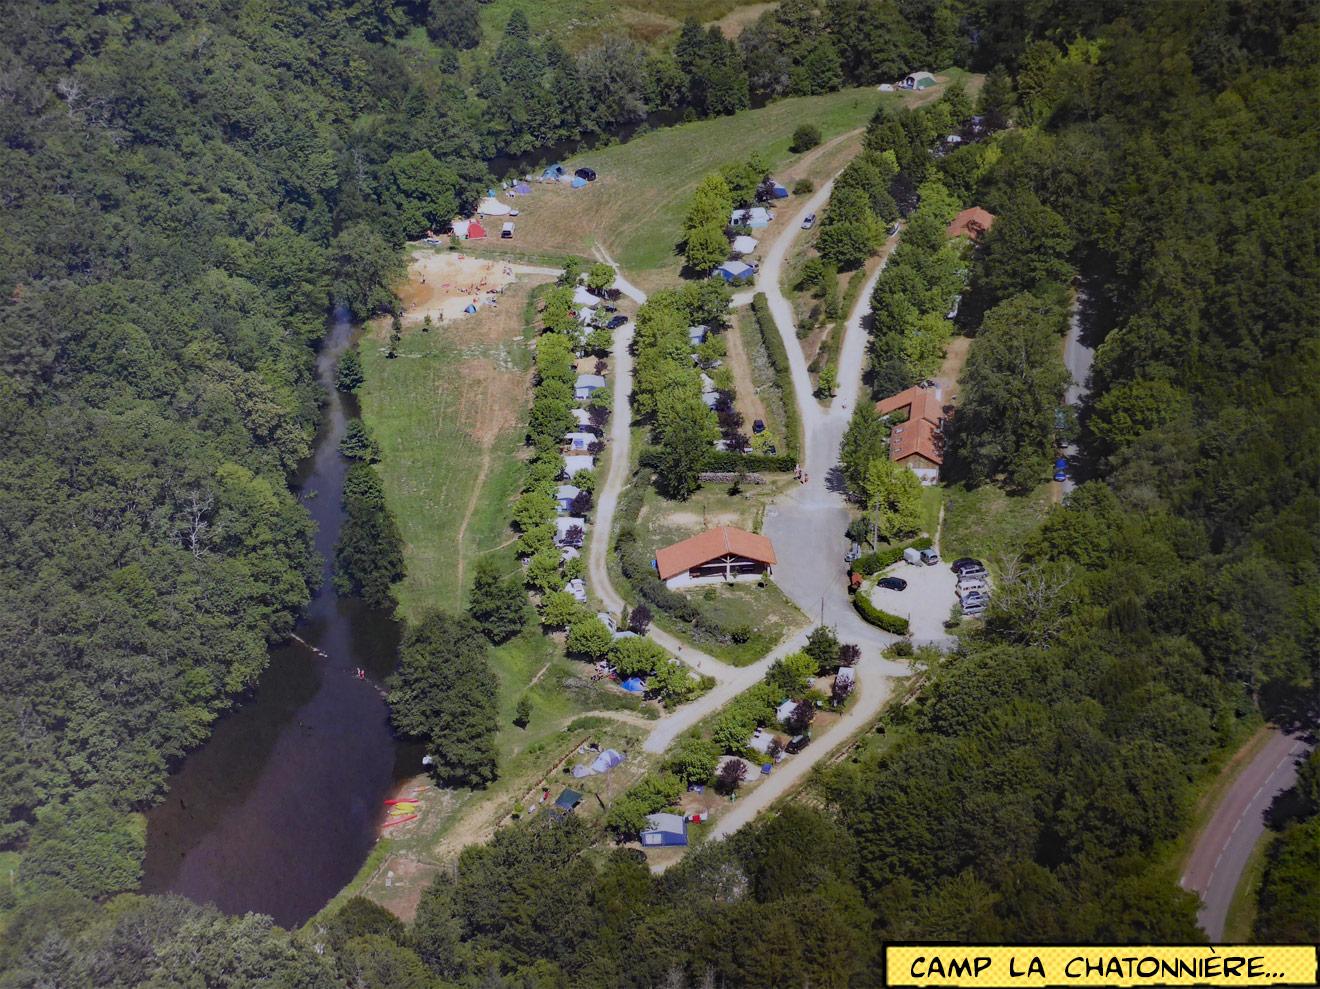 Camp La Chatonnière